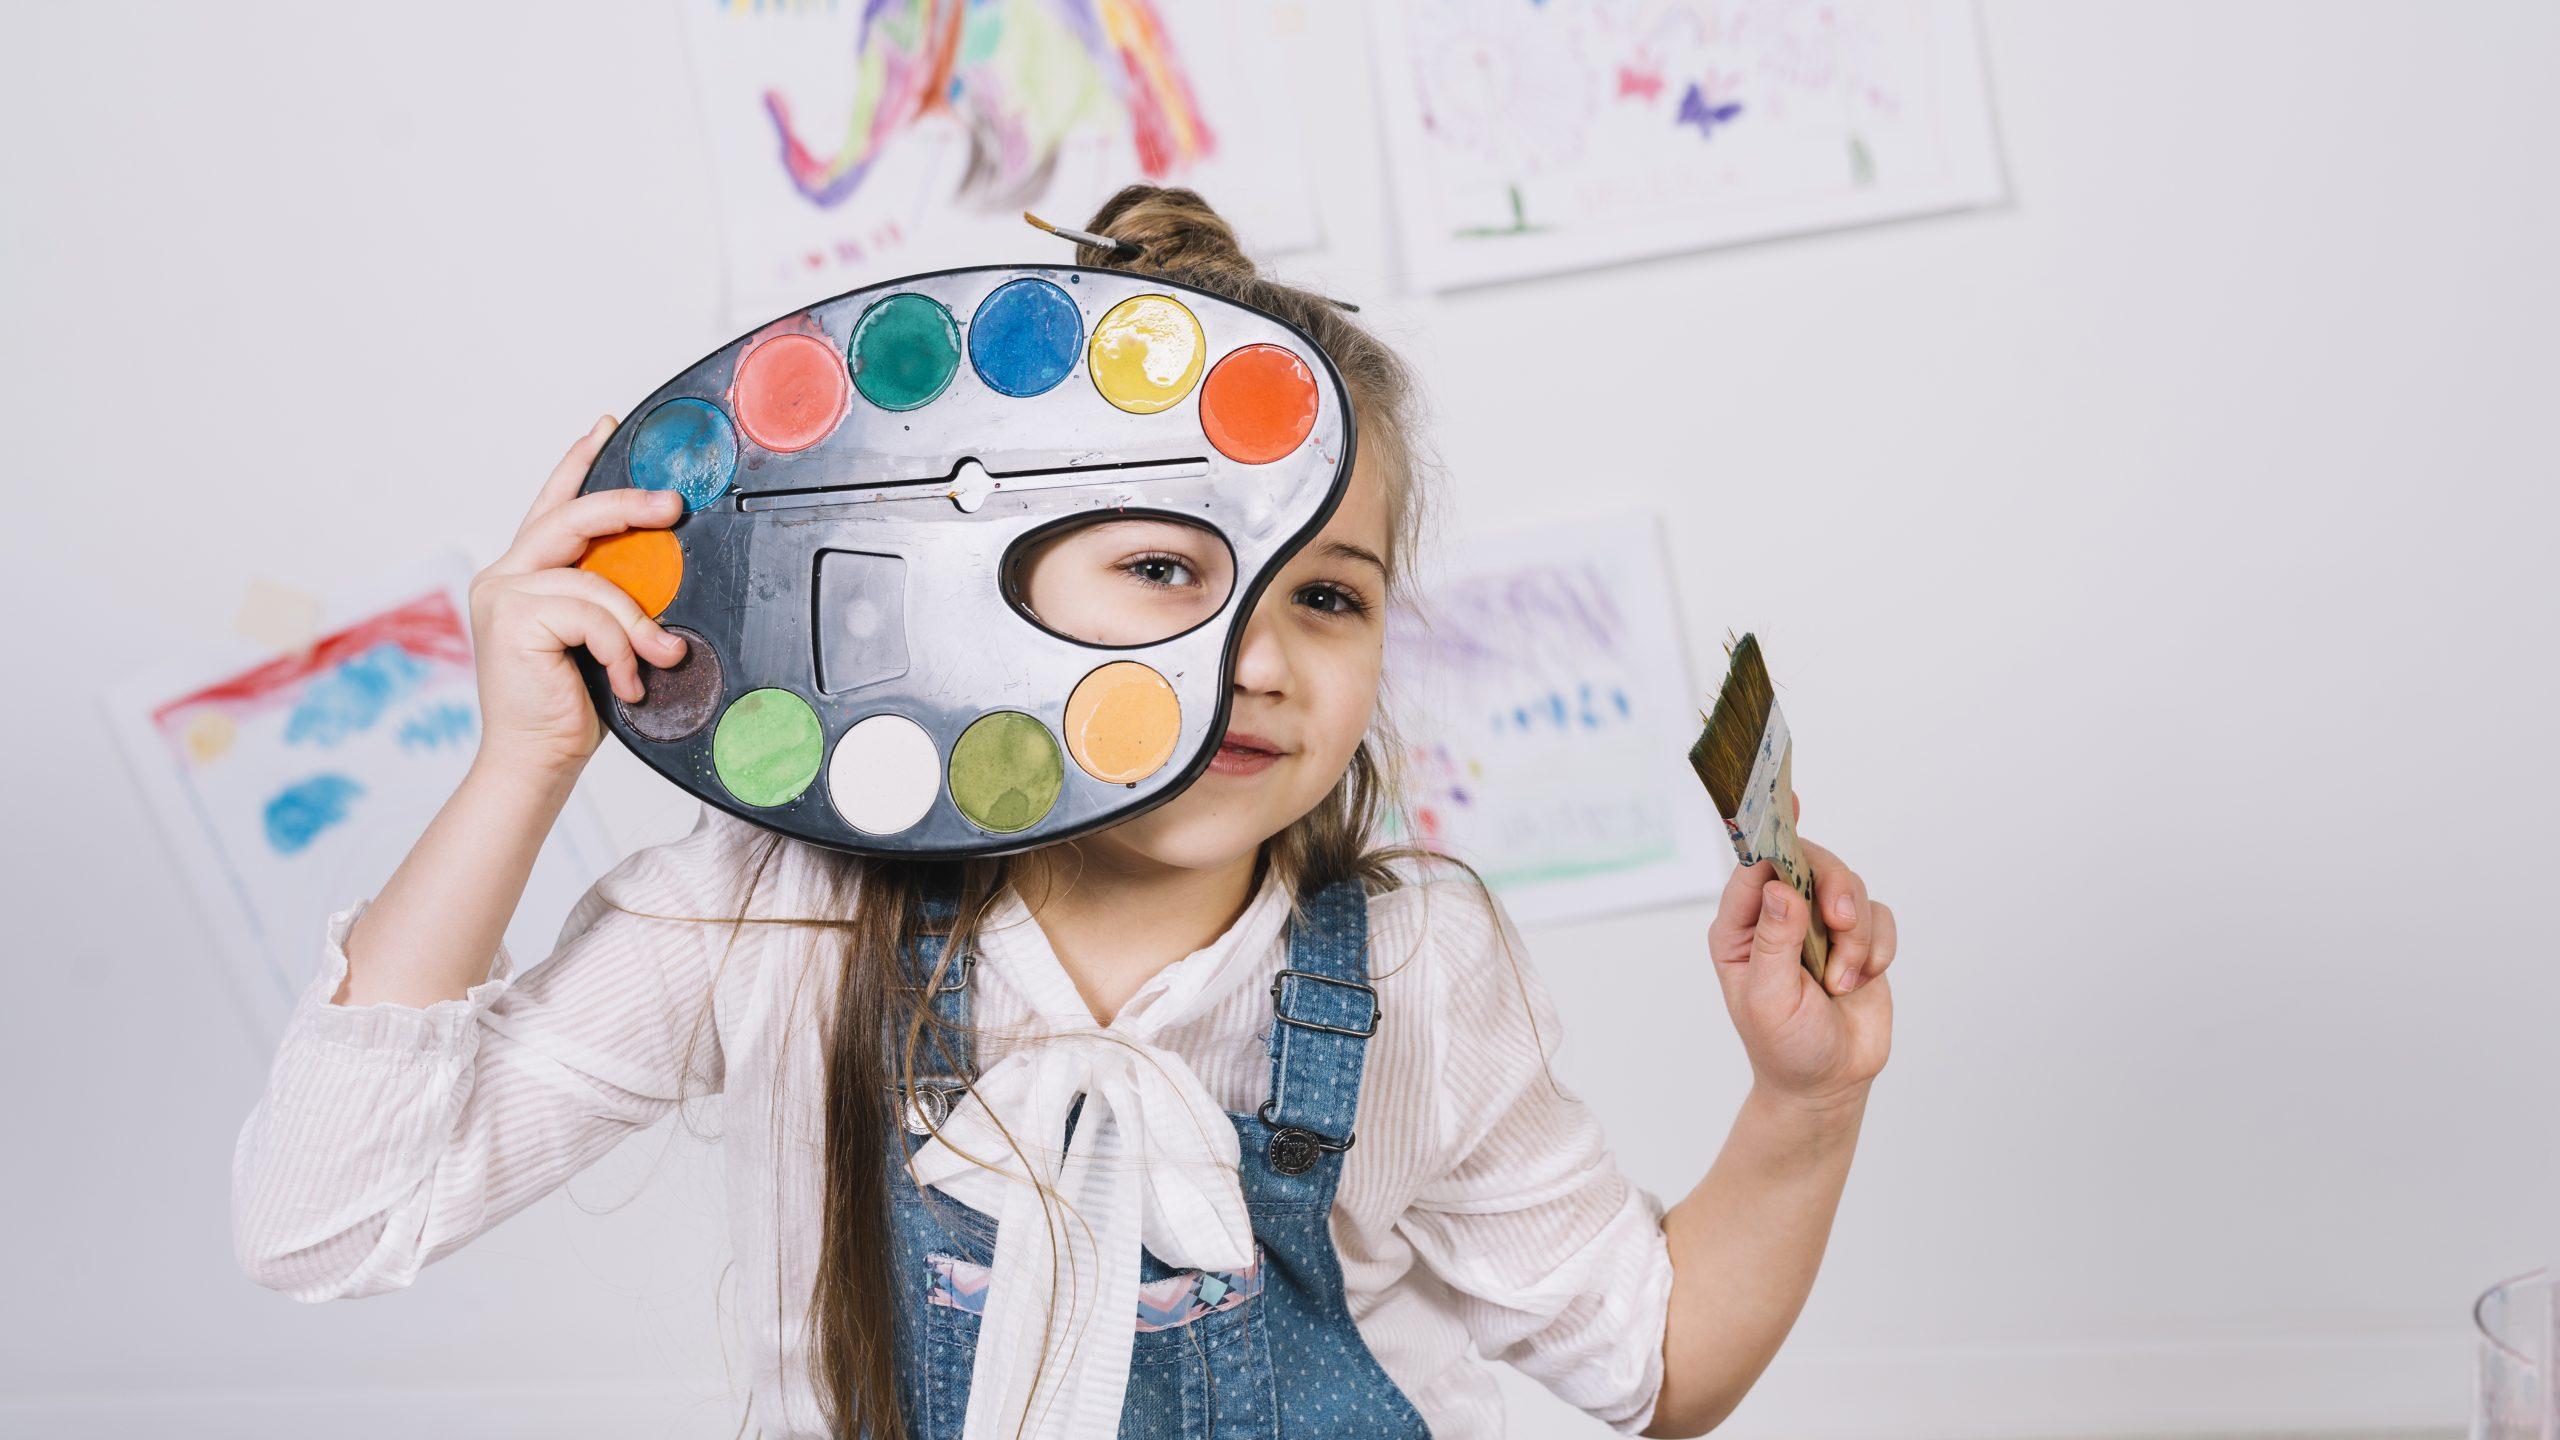 Cum putem descoperi și încuraja talentul copilului? 1